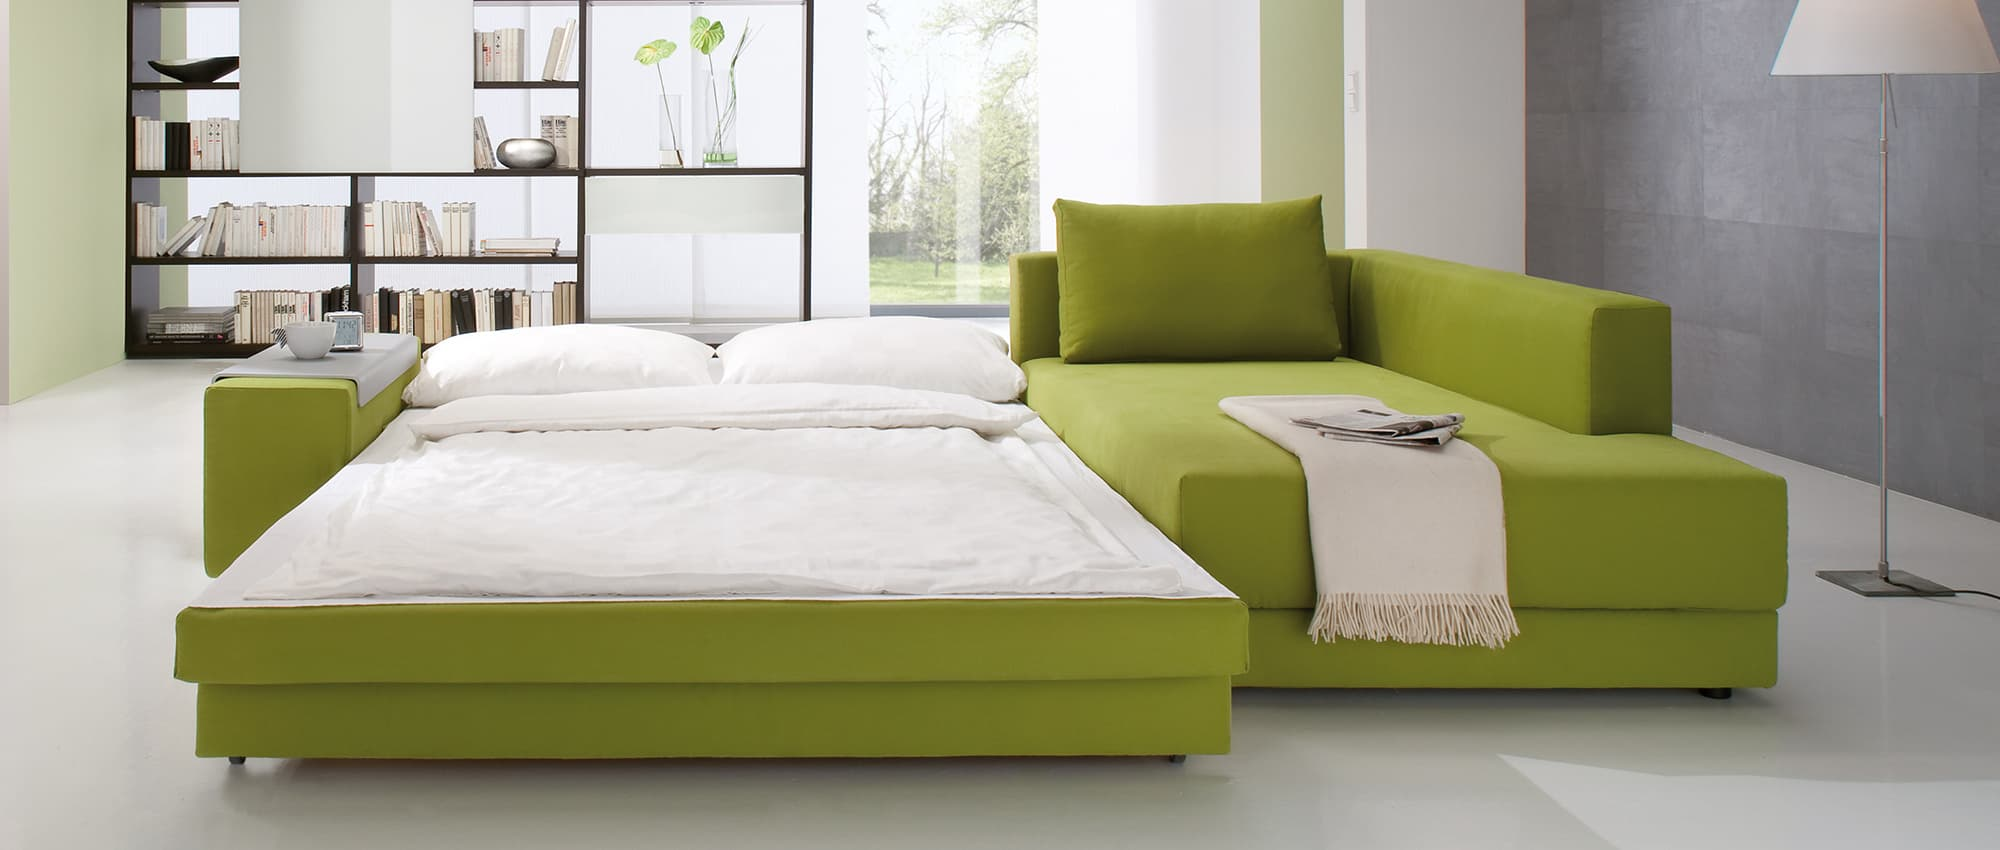 CONFETTO Eckschlafsofa mit Bettkasten von Franz Fertig - Liegefläche in ca. 130x230 und ca. 150x230 cm wählbar. Gästebett mit Stauraum.